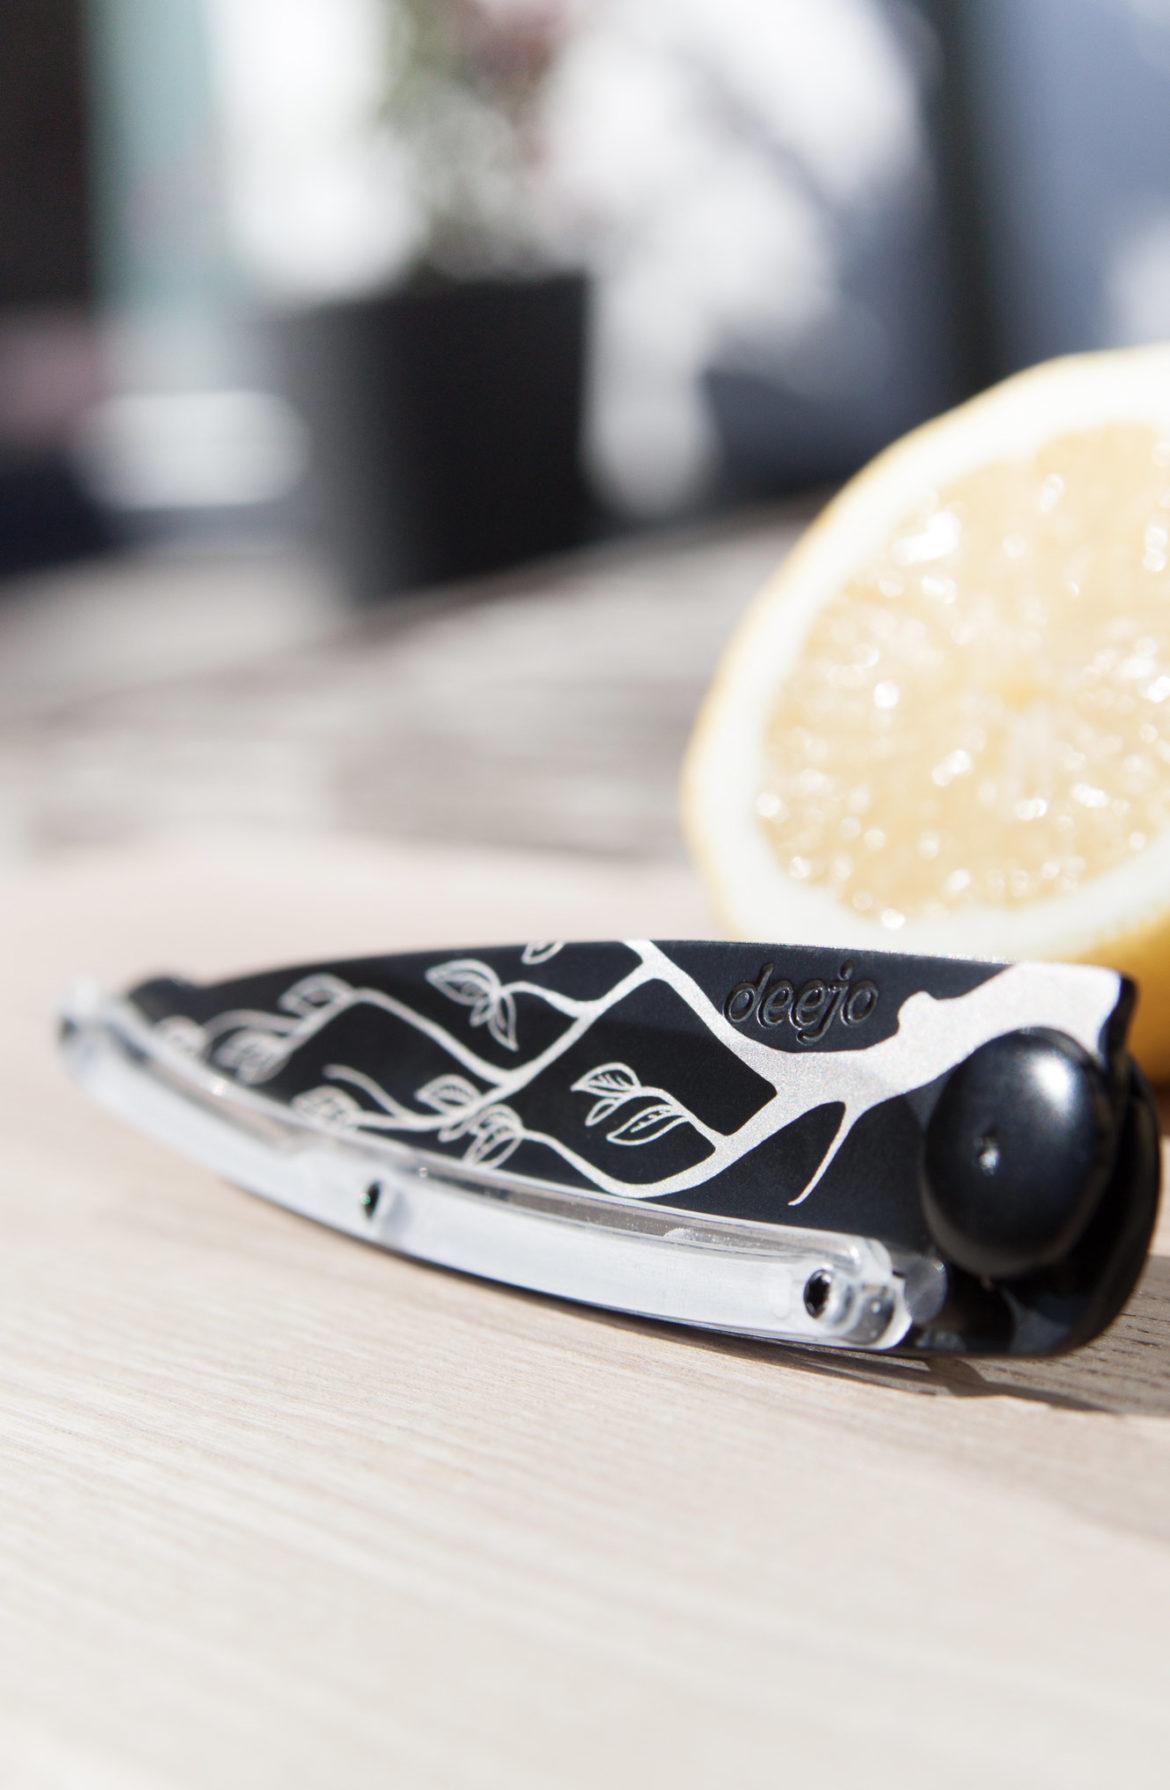 Taschenmesser Design Geschenkidee